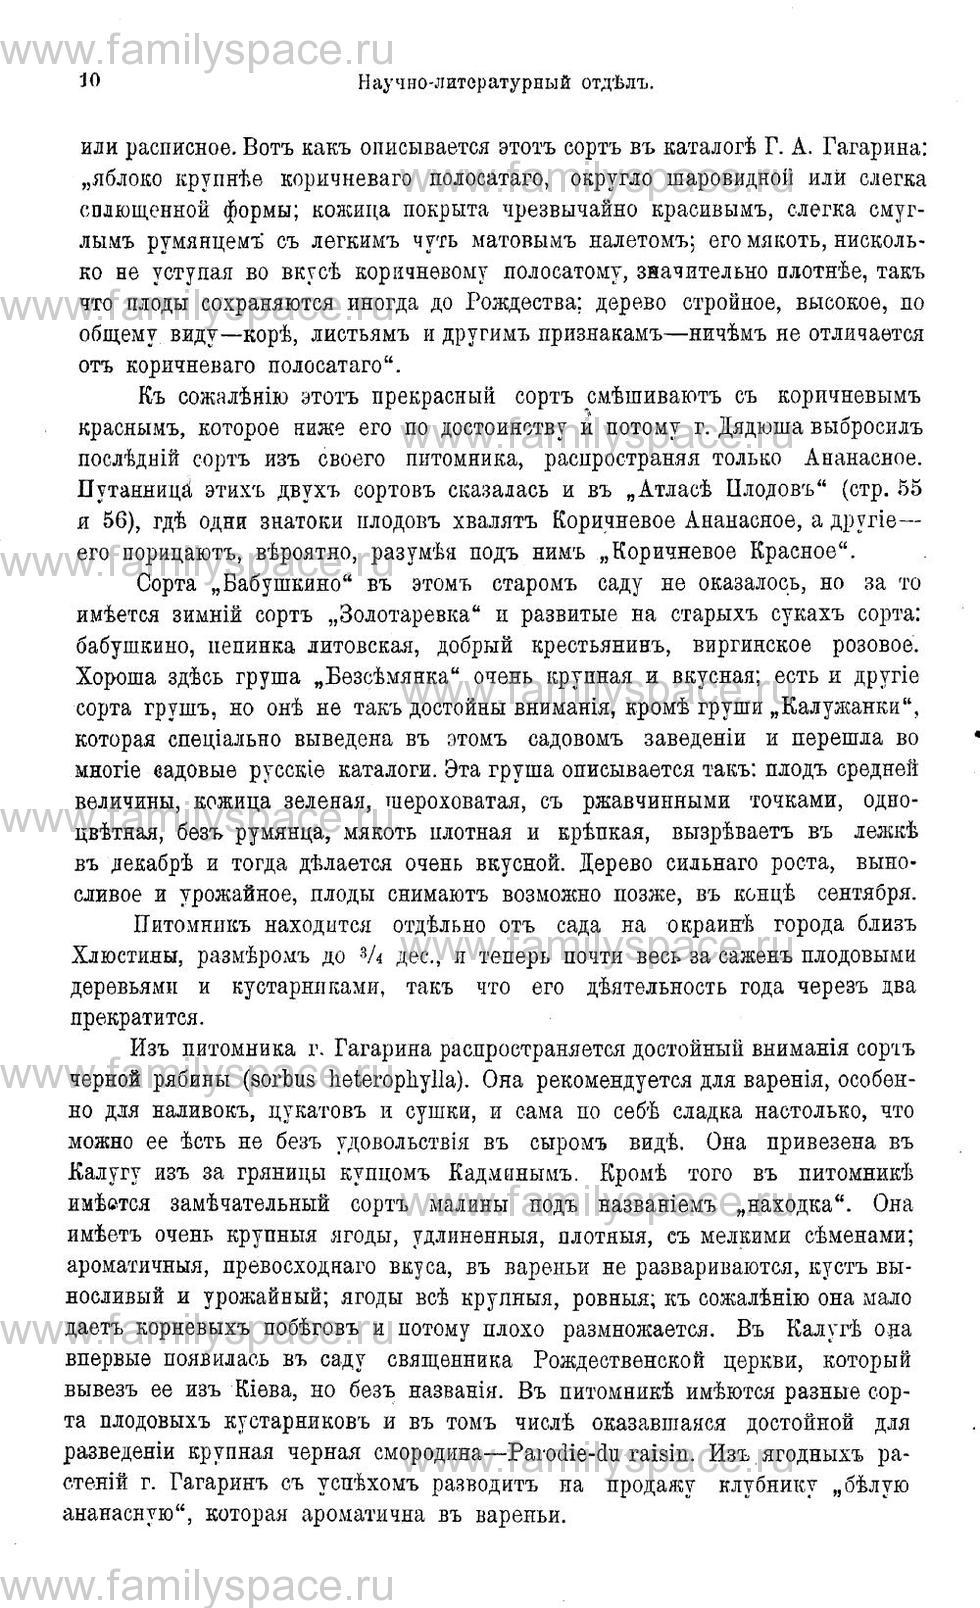 Поиск по фамилии - Памятная книжка и адрес-календарь Калужской губернии на 1911 год, страница 3010